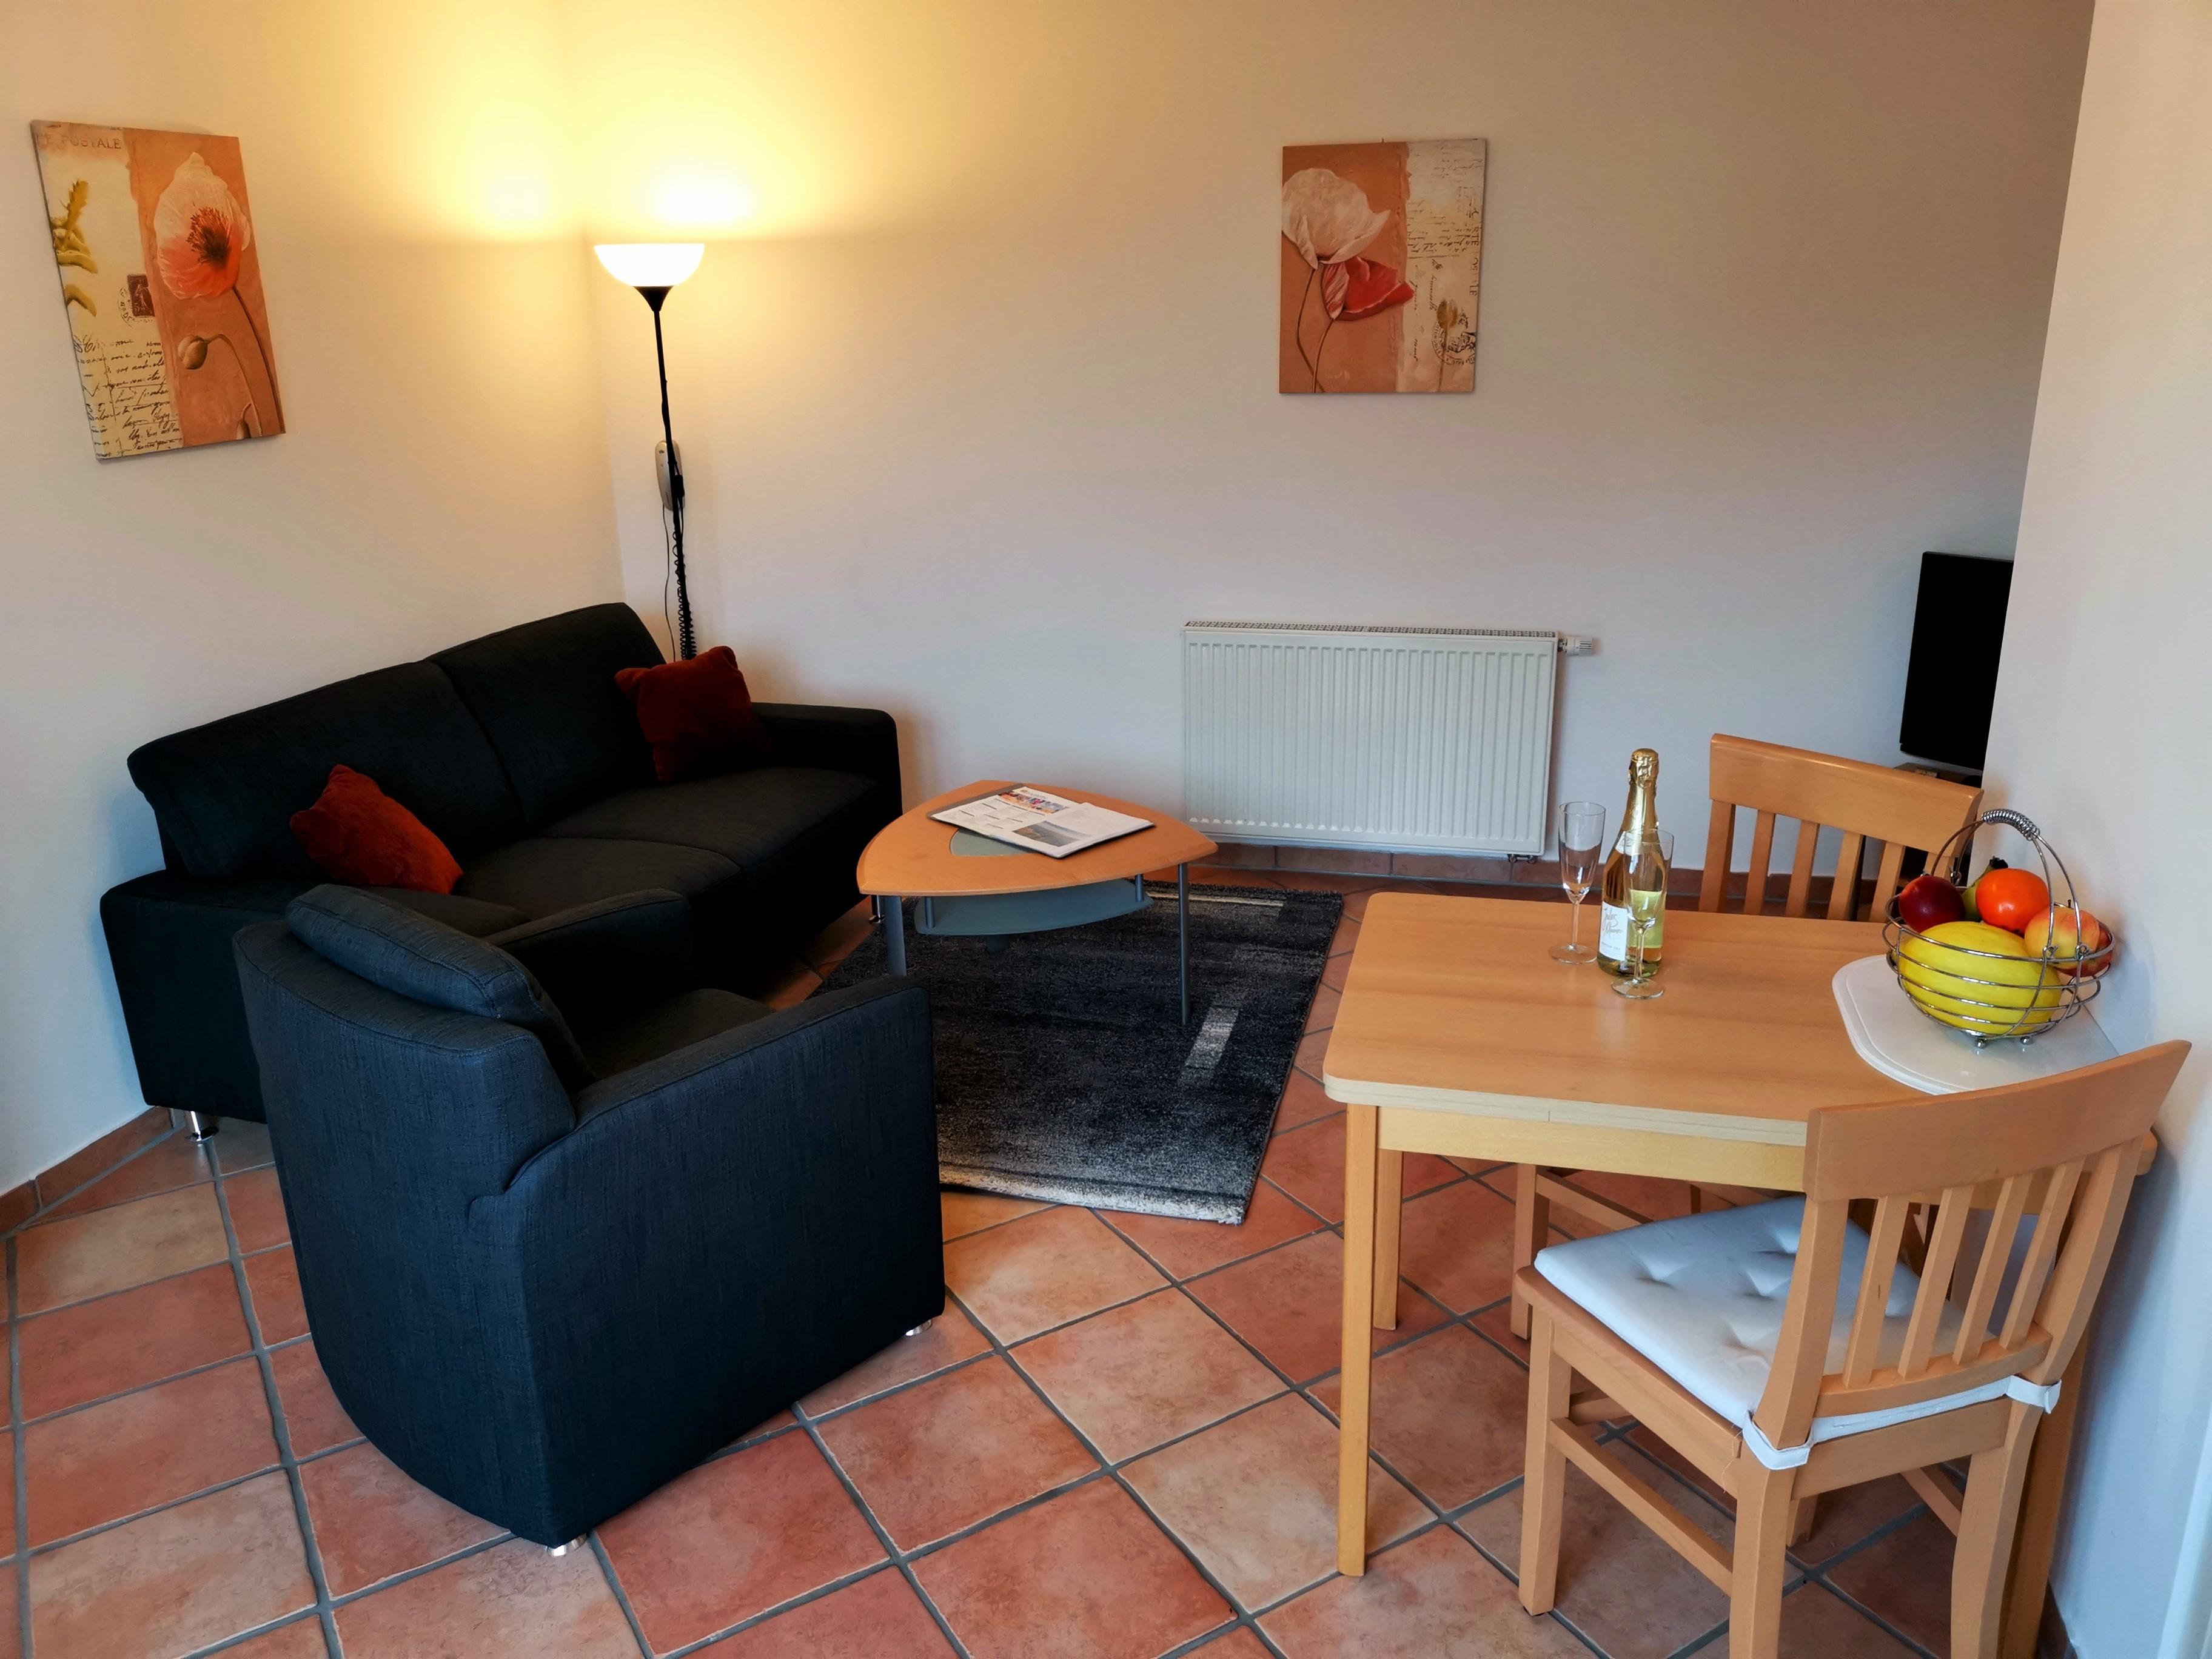 Wohnzimmer der Ferienwohnung Heide mit Couch und Sessel und Essbereich von Ferienwohnungen Hass auf Fehmarn